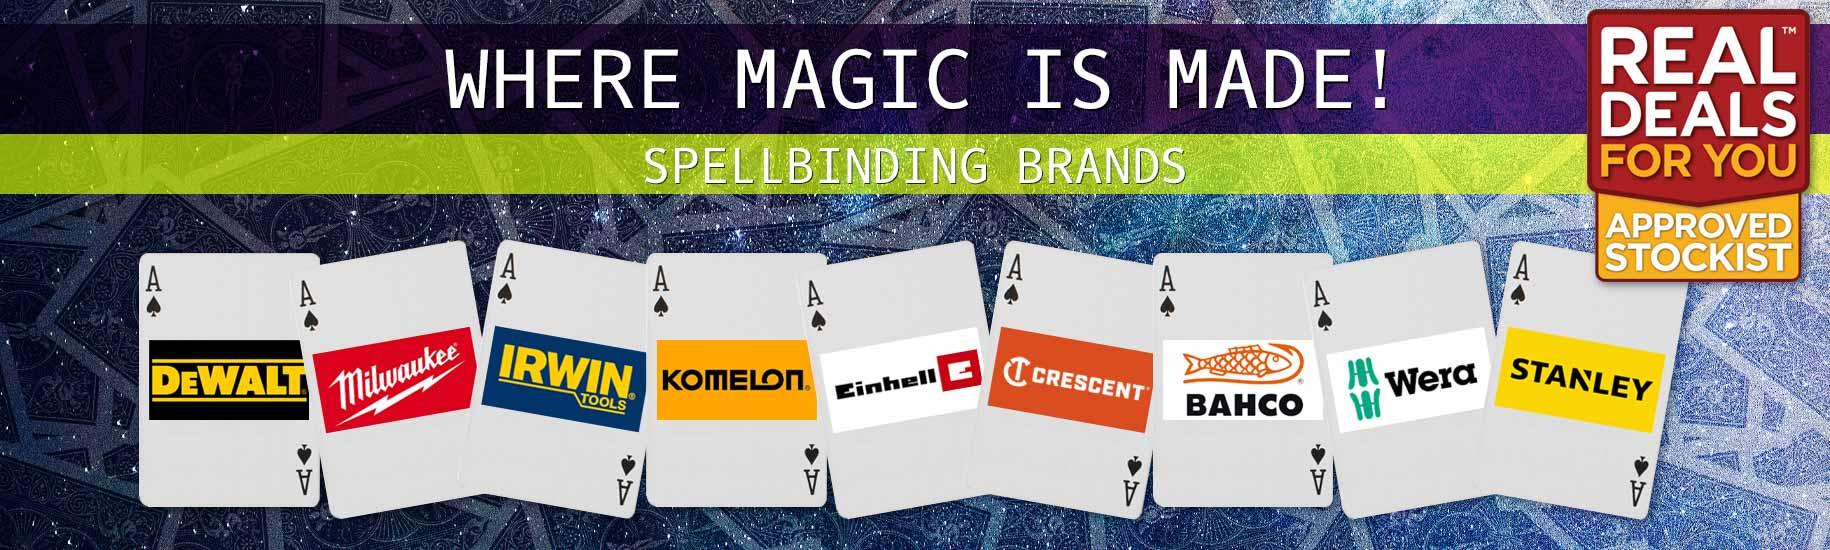 Real Deals - Spellbinding Brands - Shop Now